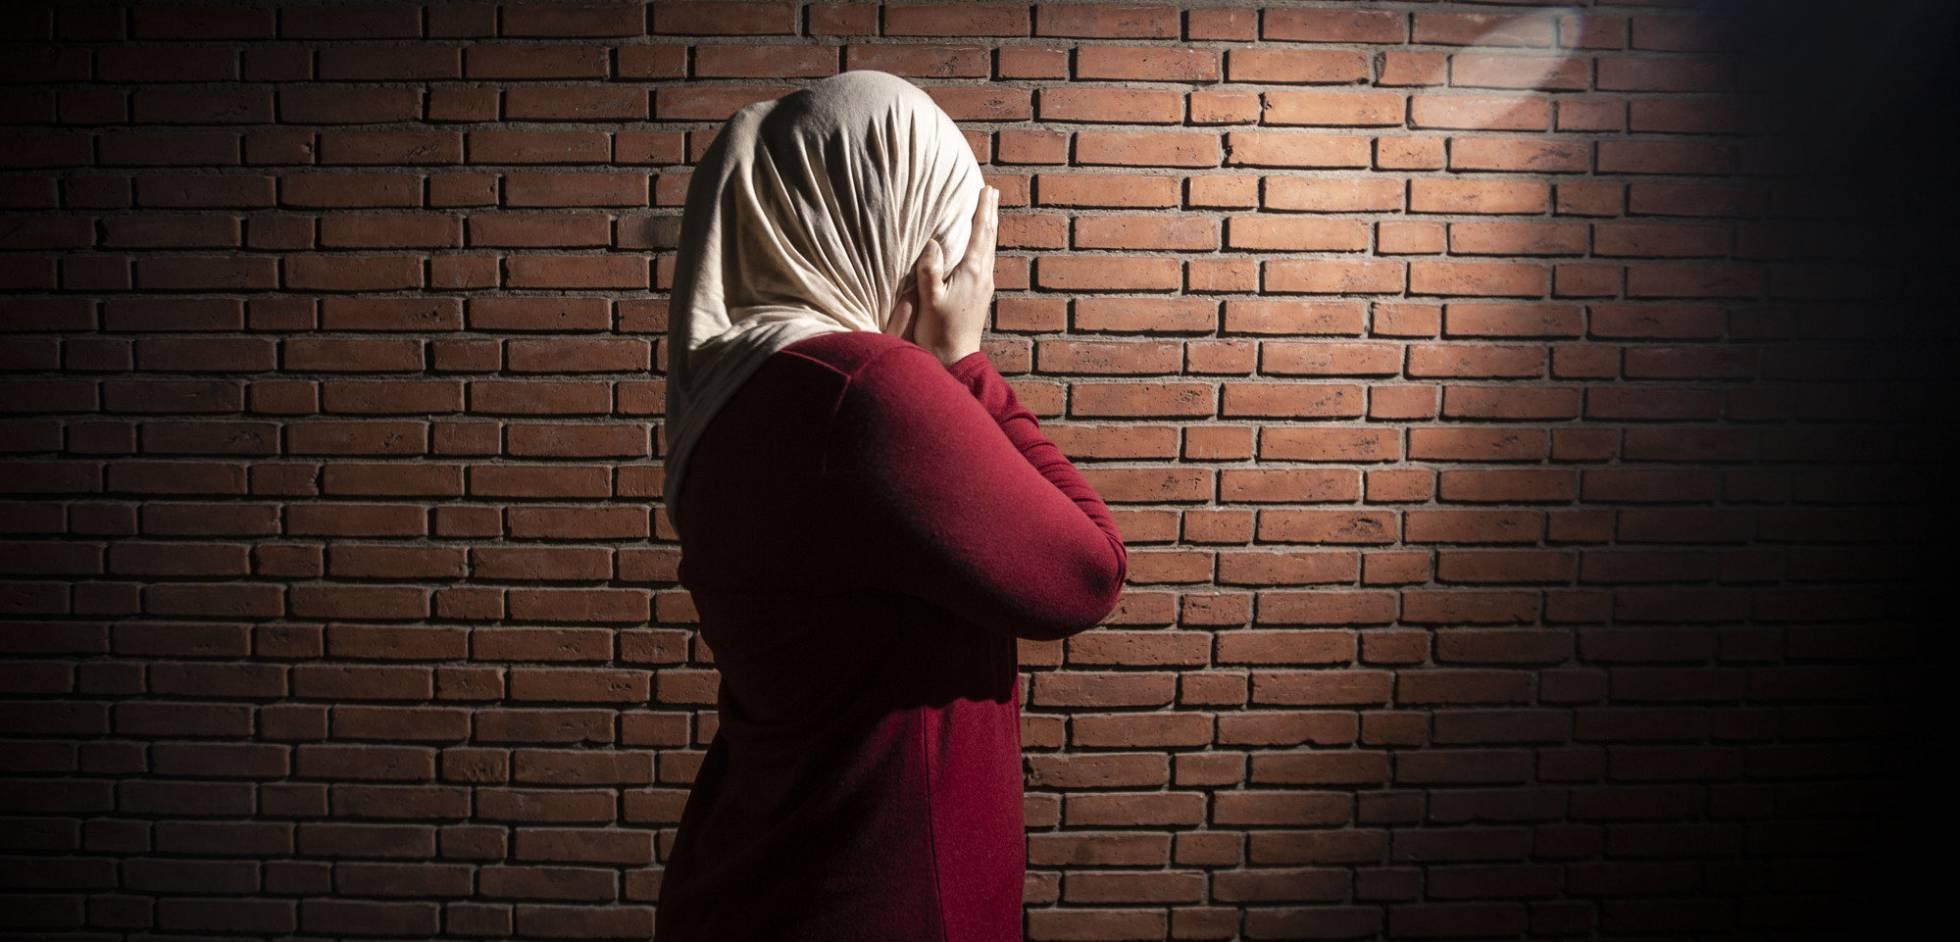 Sara (nome fictício) é uma marroquina de 30 anos que vive em Copenhague.